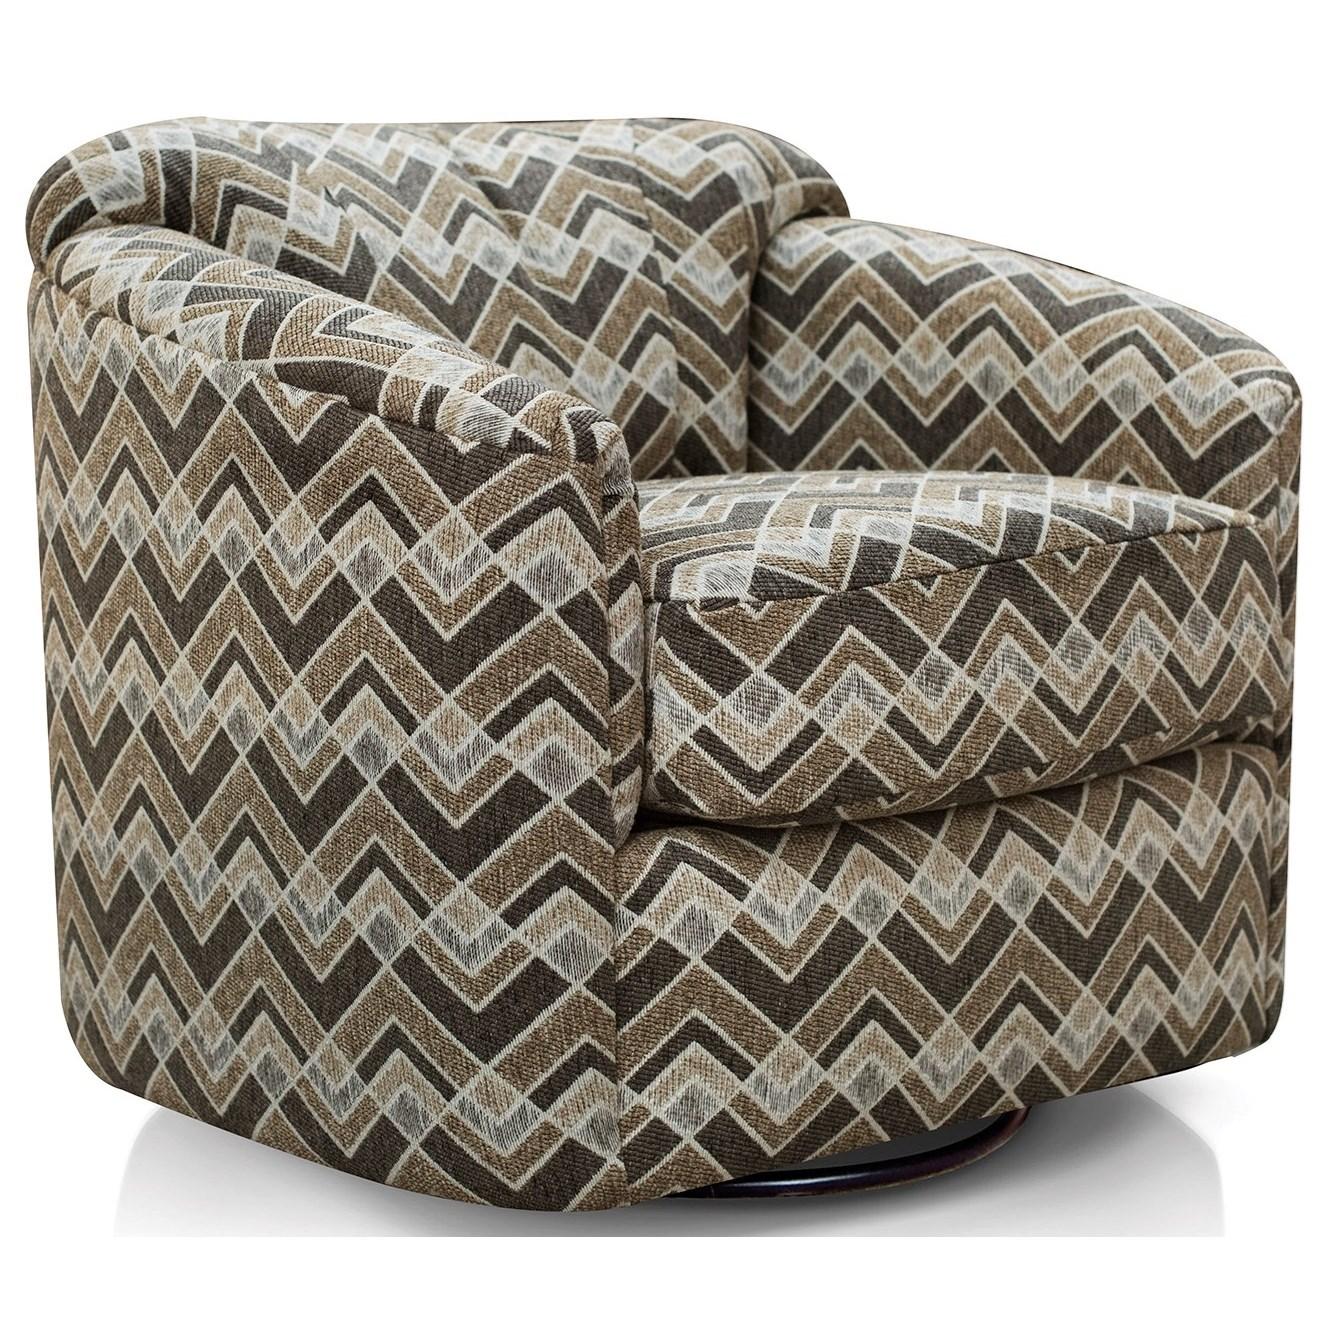 Alexvale V995 V995 71 Contemporary Swivel Glider Chair